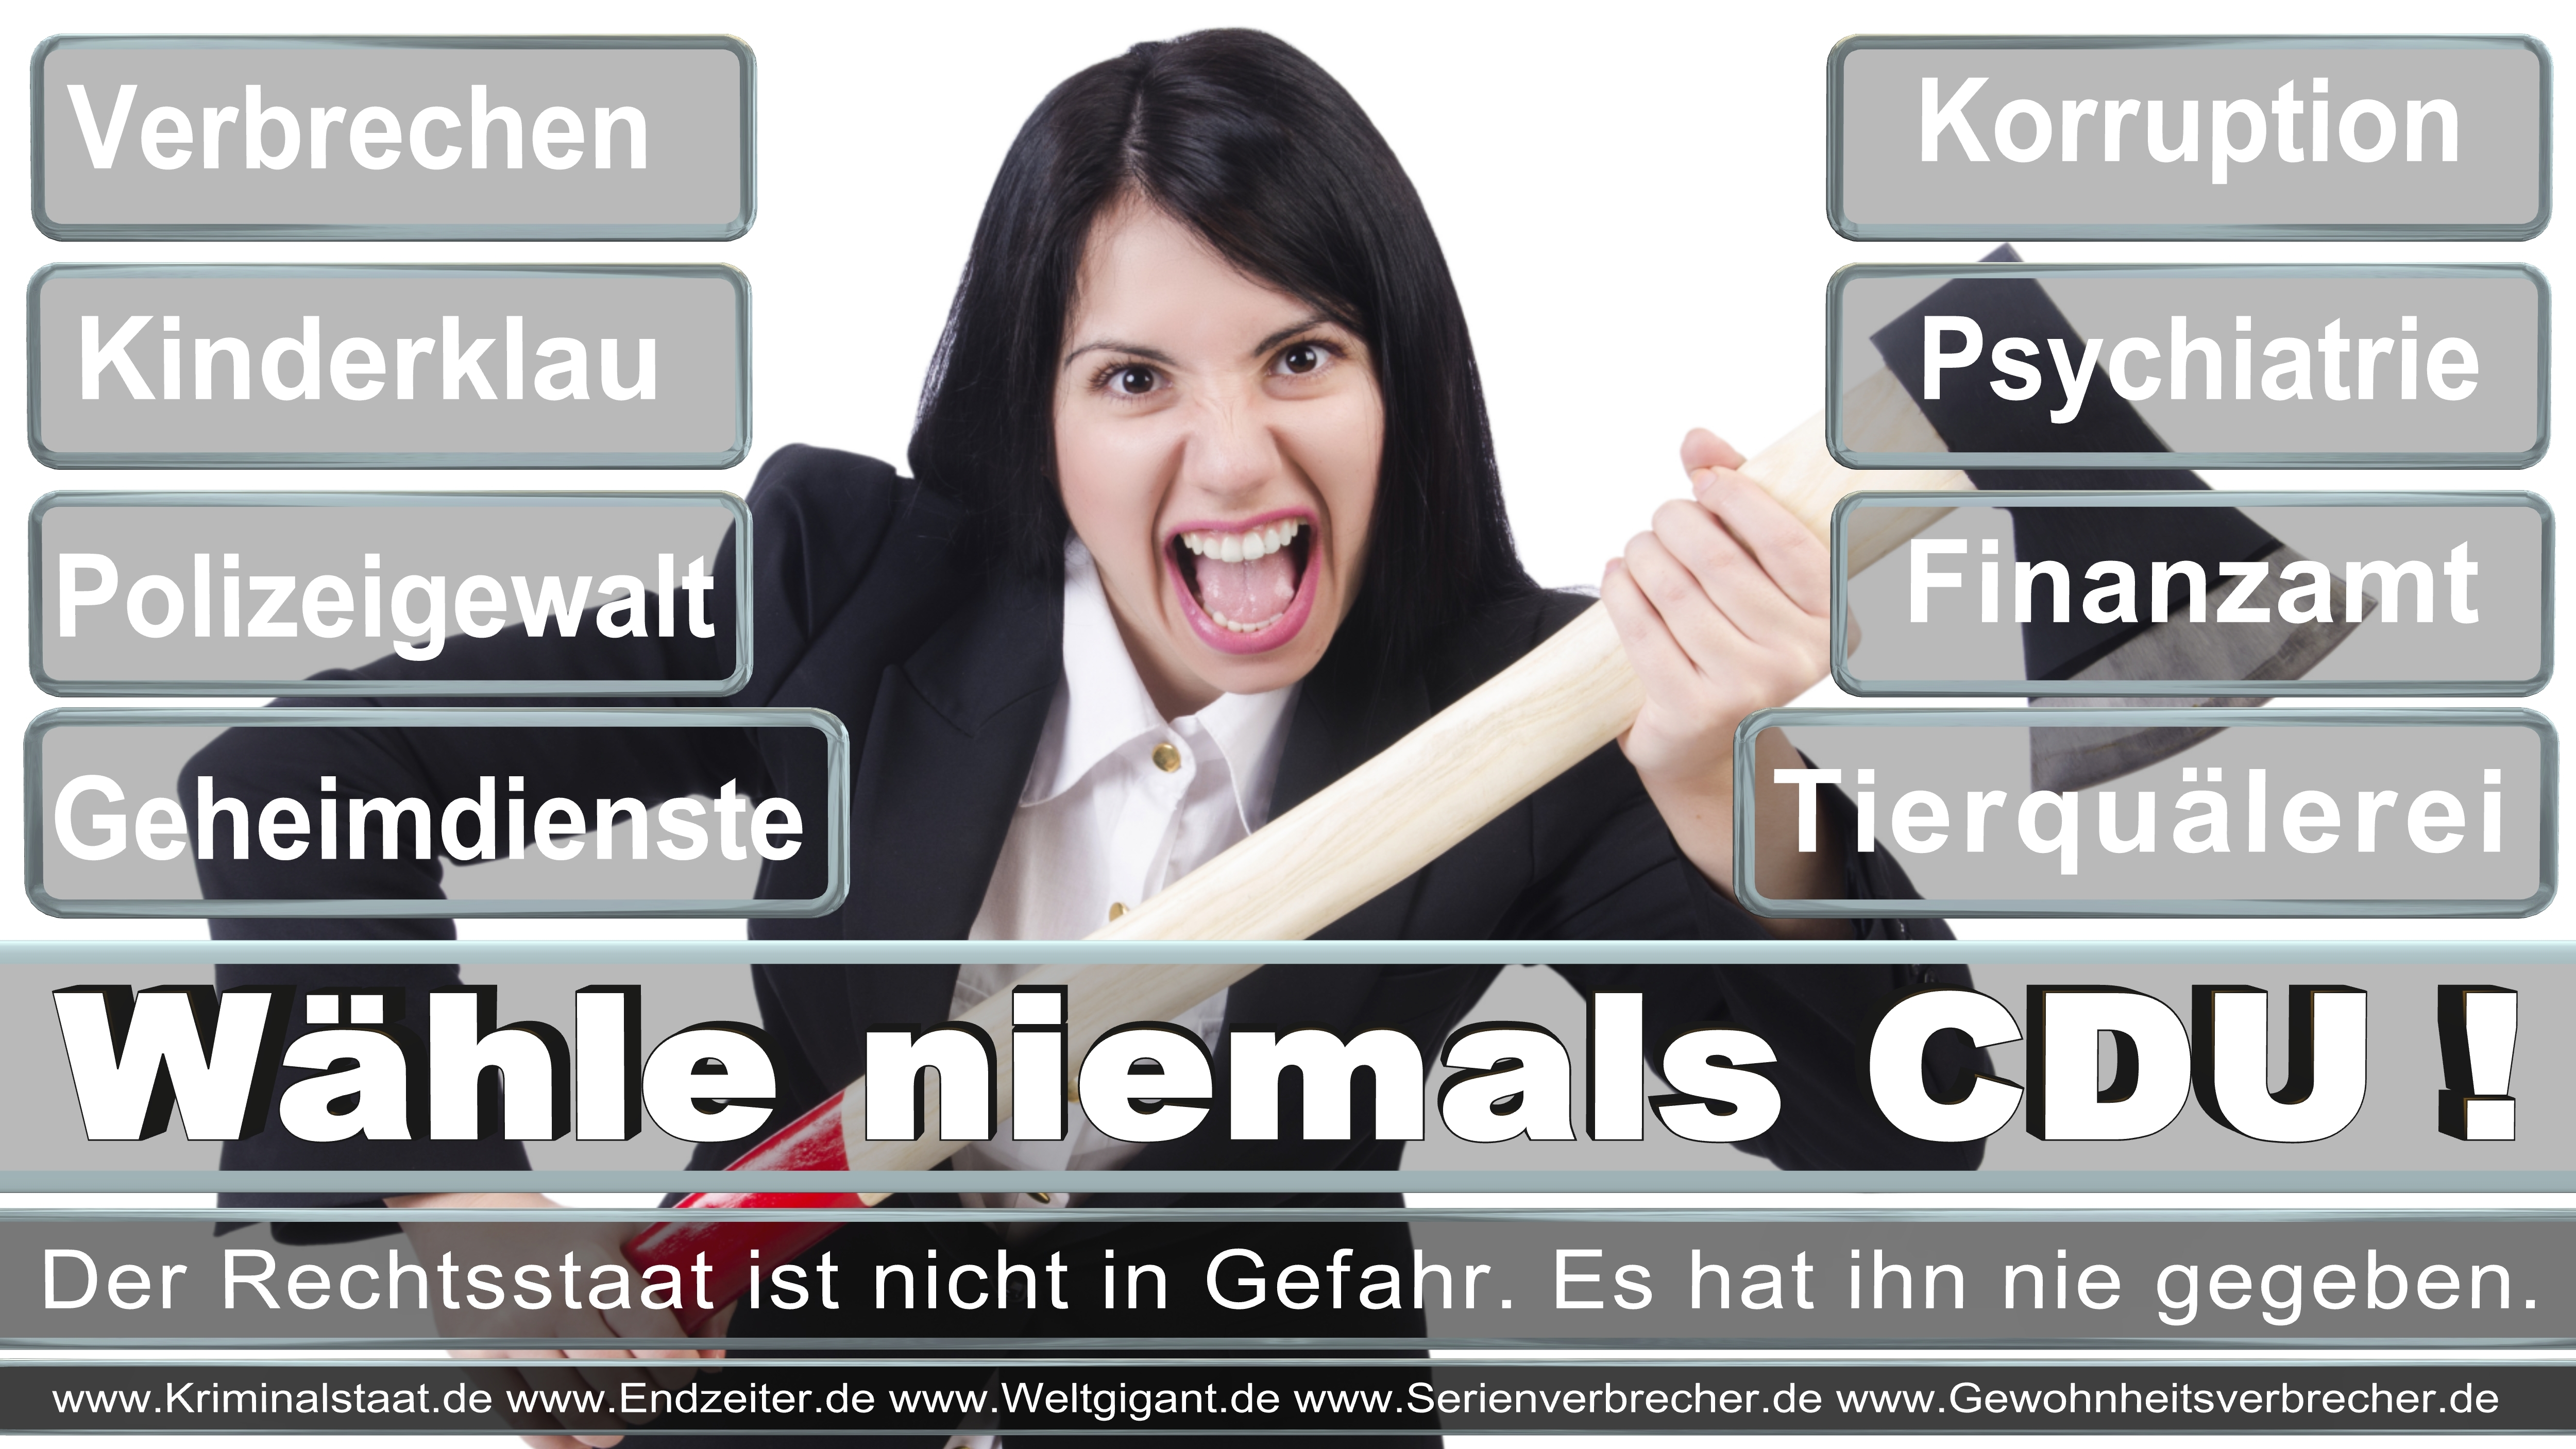 Bundestagswahl 2017 Angela Merkel CDU Bundestagswahl 2017 Prognose Bundestagswahl 2017 Wahlomat Bundestagswahl 2017 Kandidaten (1)